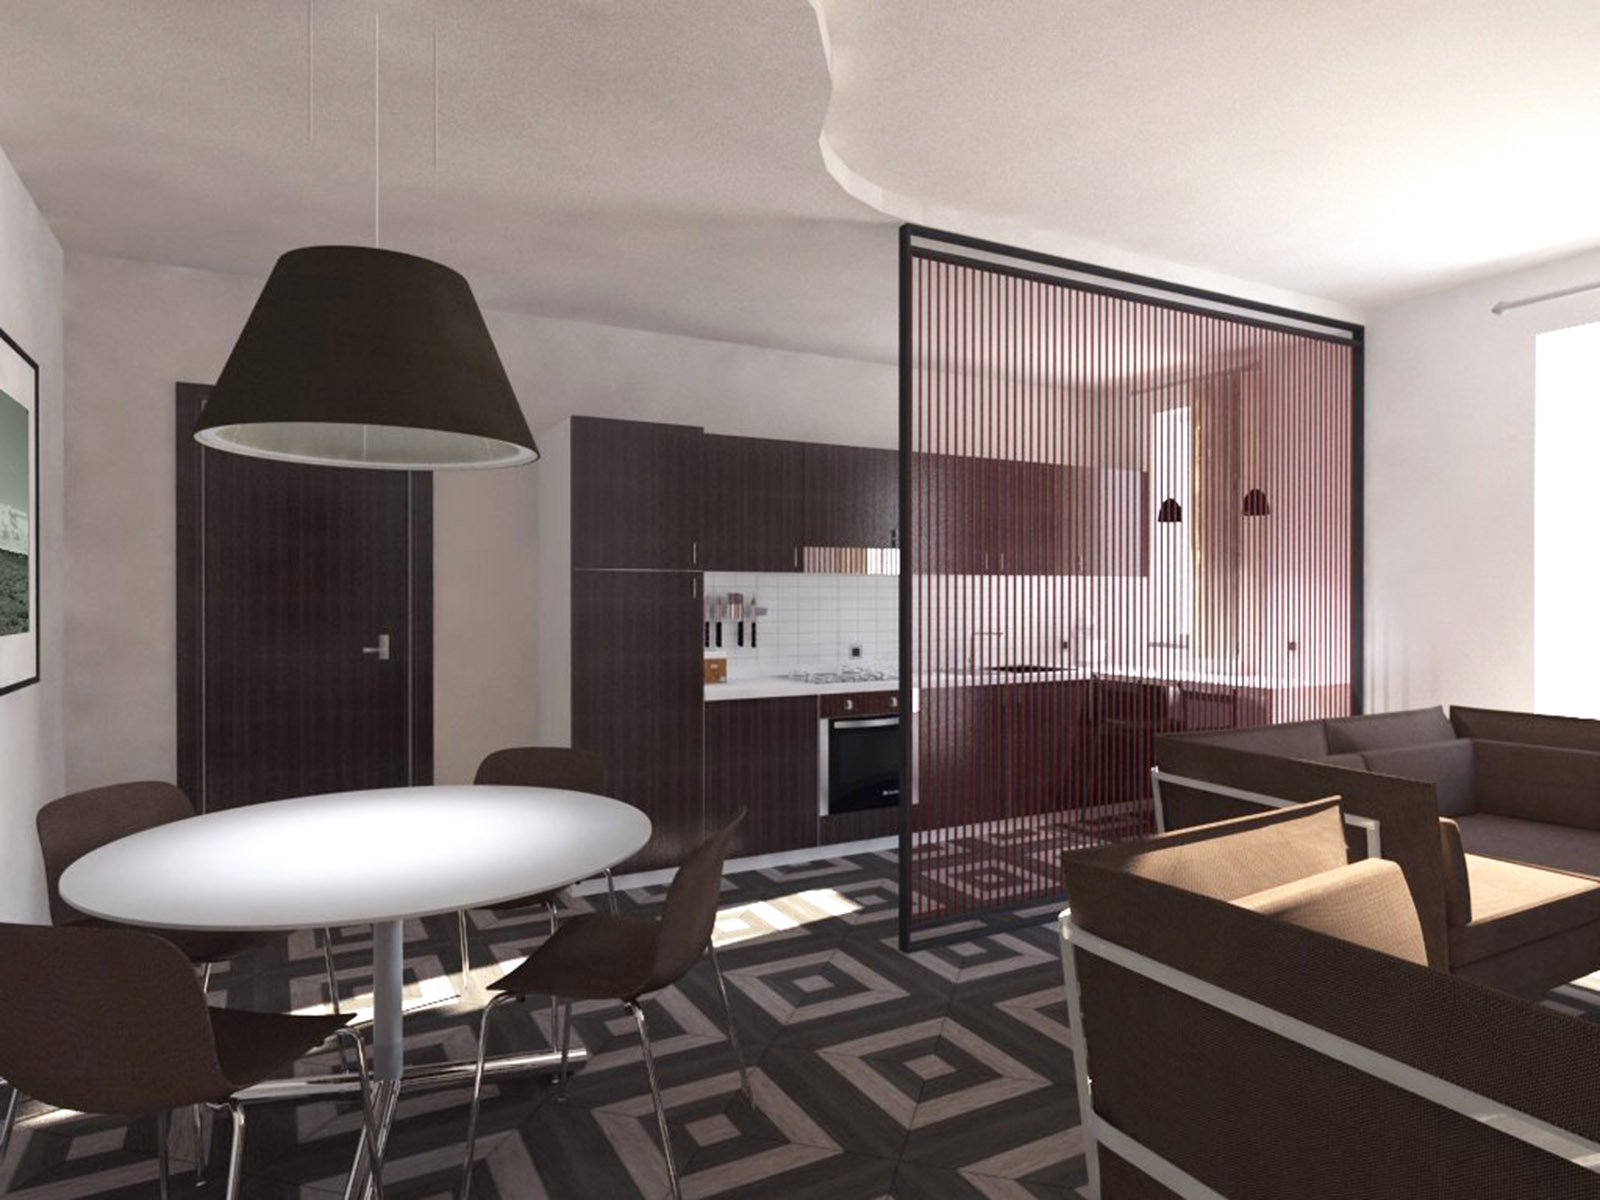 Soggiorno e cucina openspace? Progetto in pianta e in 3D - Cose di ...